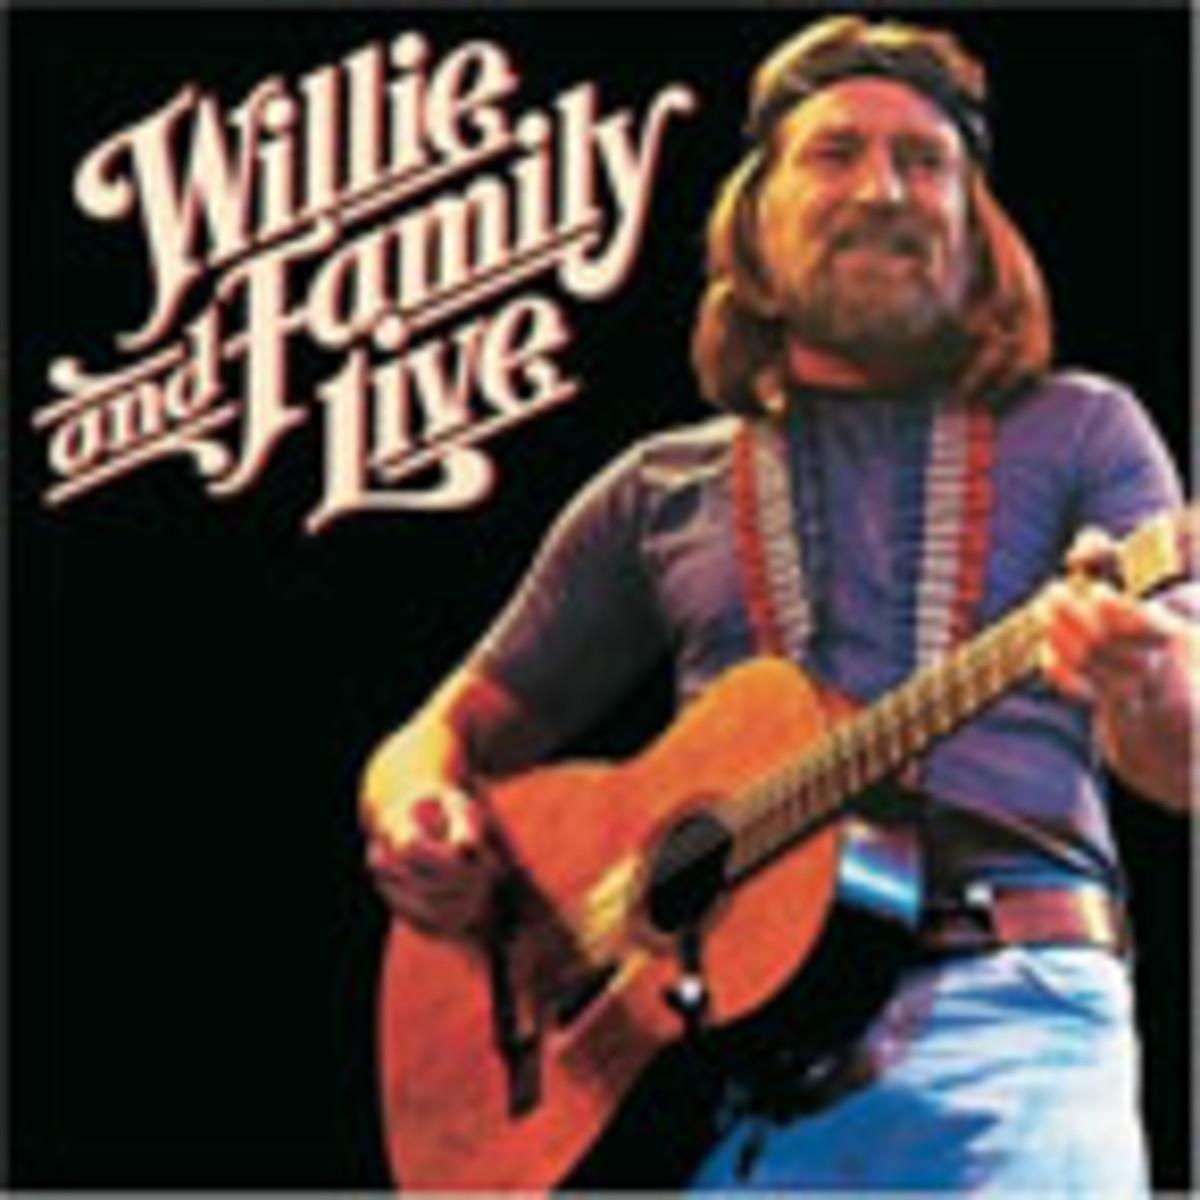 WillieNelson_WillieAndFamilyLive